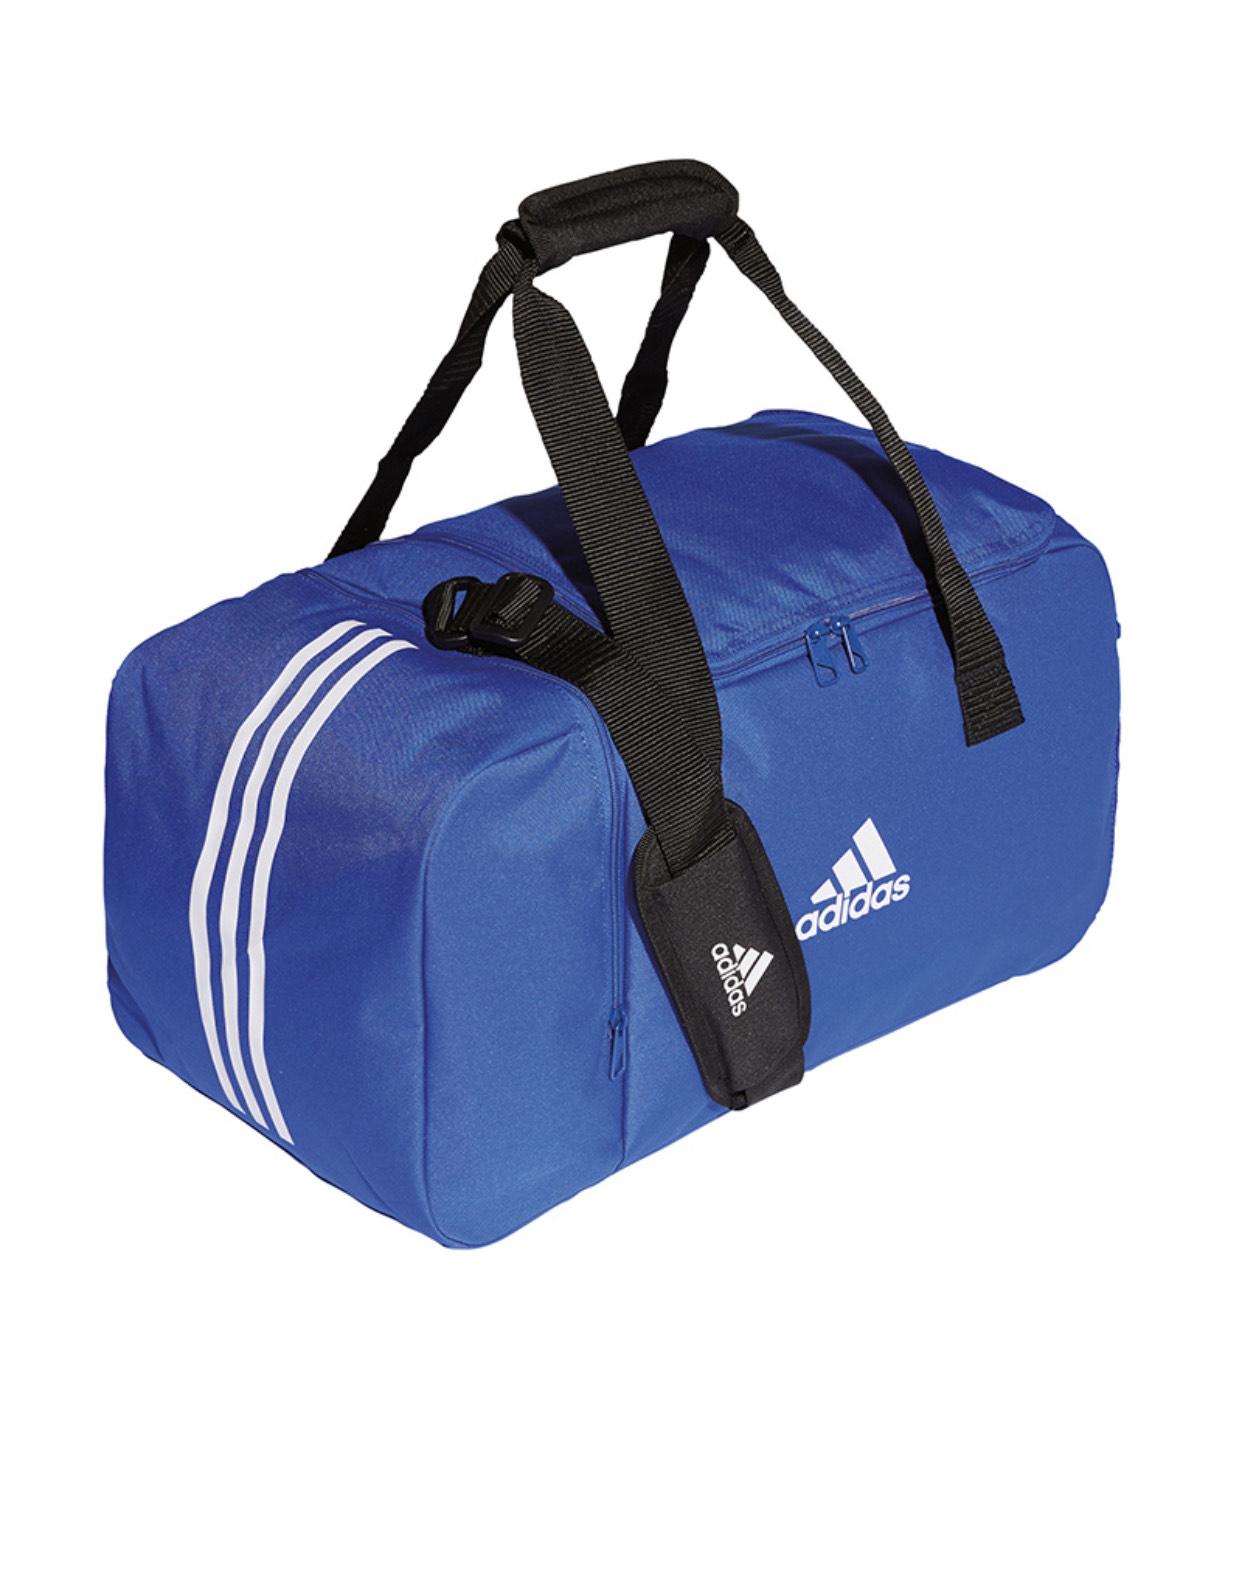 Adidas Tiro 19 Duffelbag S für 13€ - Trainingstasche in Blau/Weiß, 50x25x25 cm